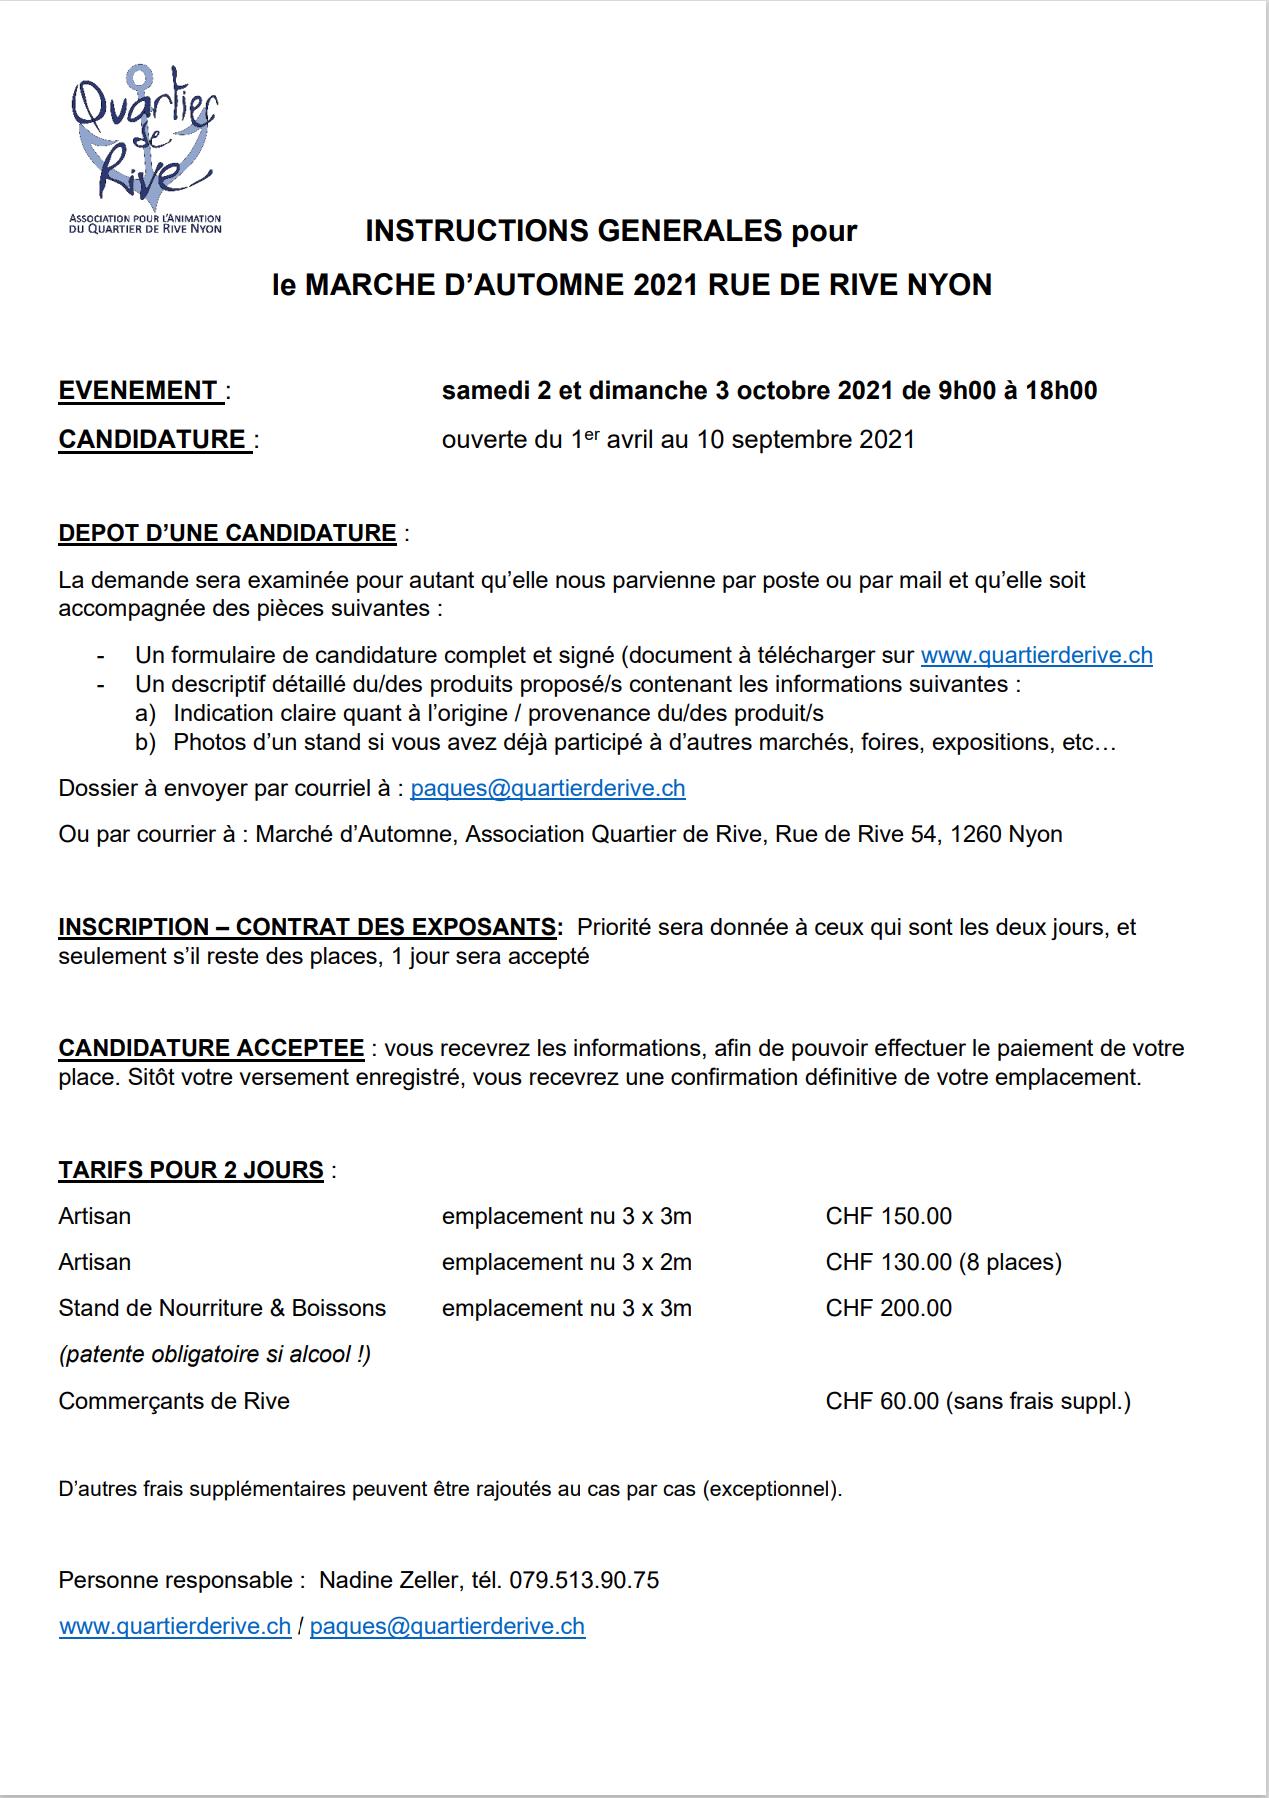 INSTRUCTIONS GENERALES pour le MARCHE D'AUTOMNE 2021 RUE DE RIVE NYON